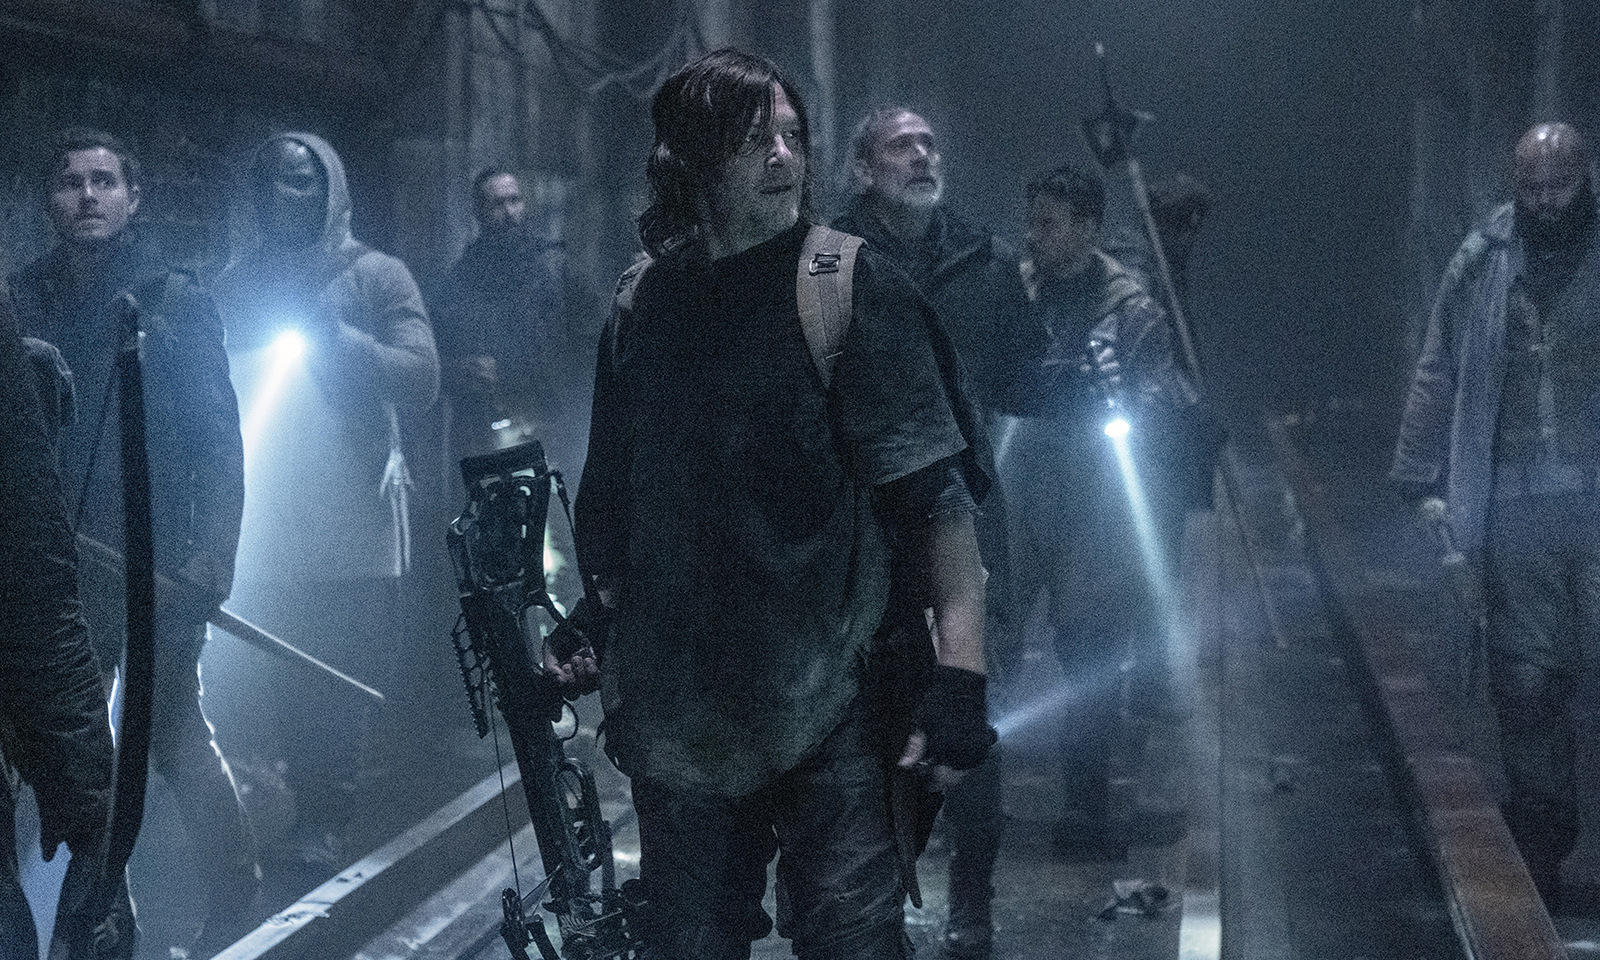 """Daryl, Negan e o grupo no metrô de DC no Episódio 1 - """"Acheron: Part I"""" da 11ª e última temporada de The Walking Dead."""